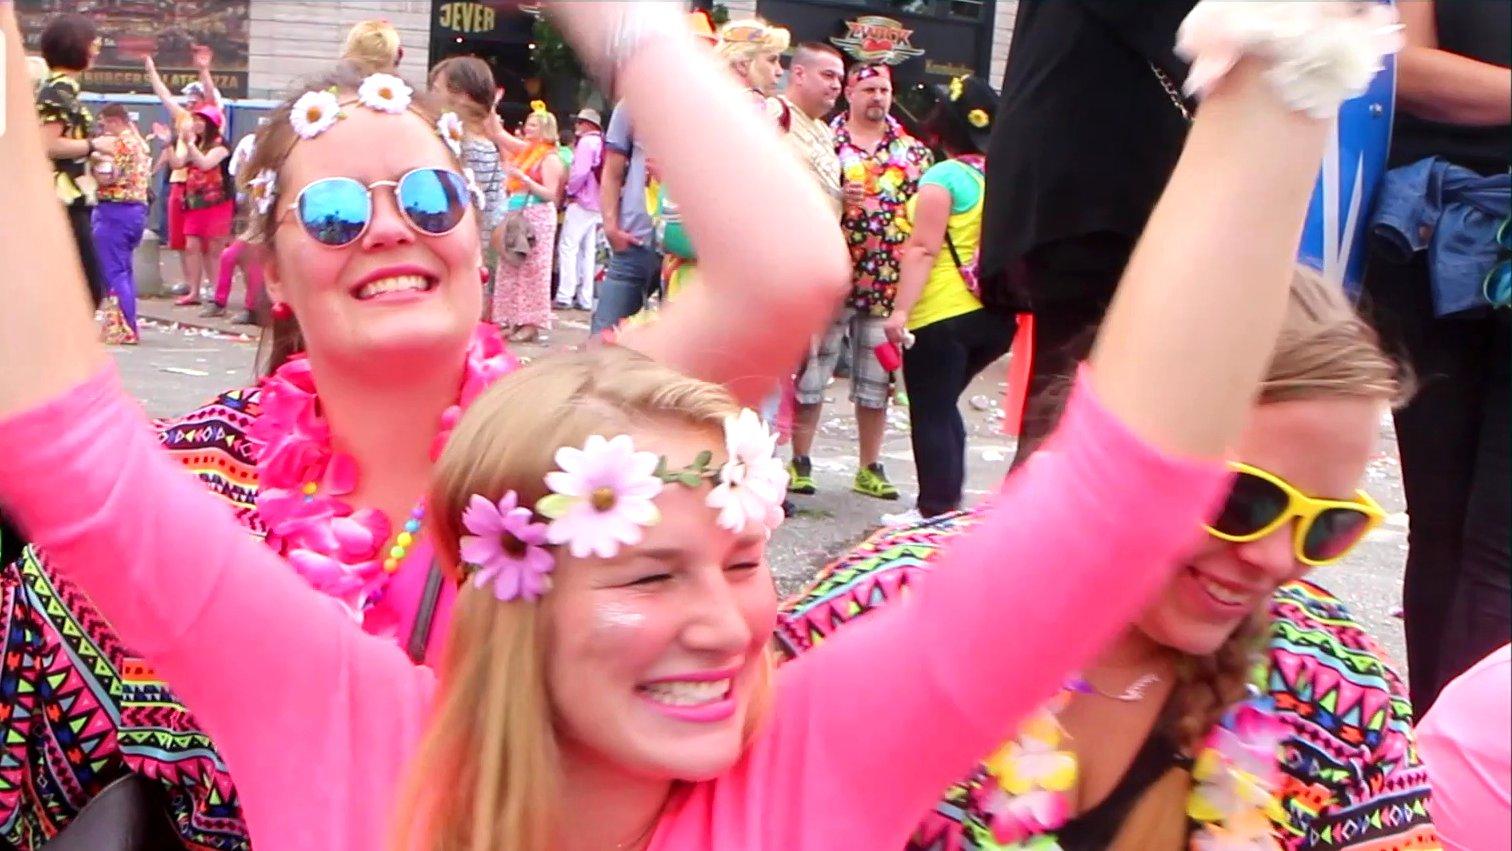 Frauen feiern beim Schlagermove 2015 in Hamburg.